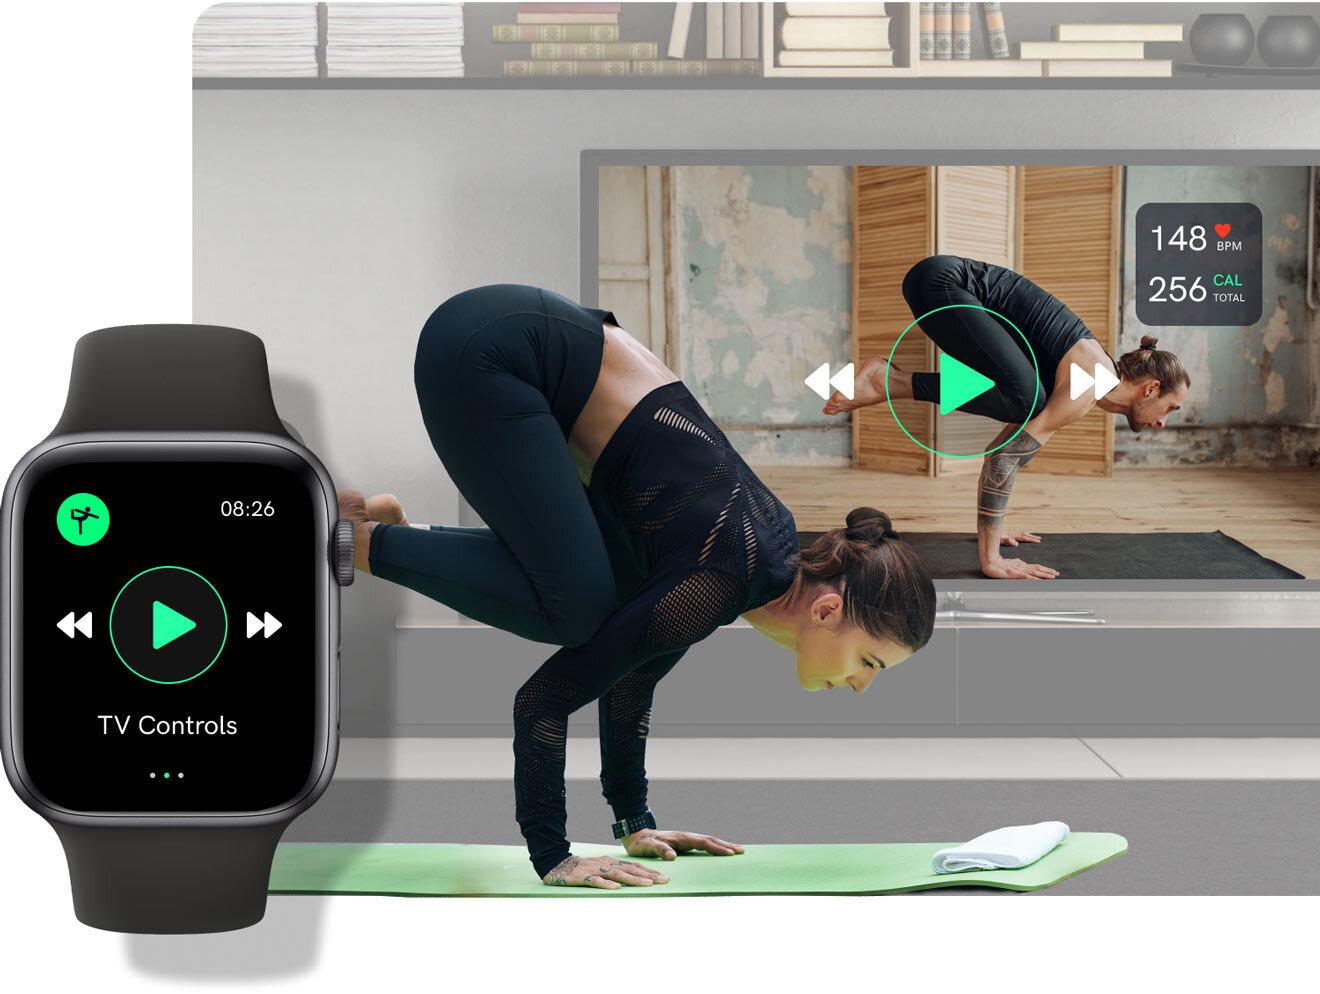 apple watch app uscreen fitness tracker